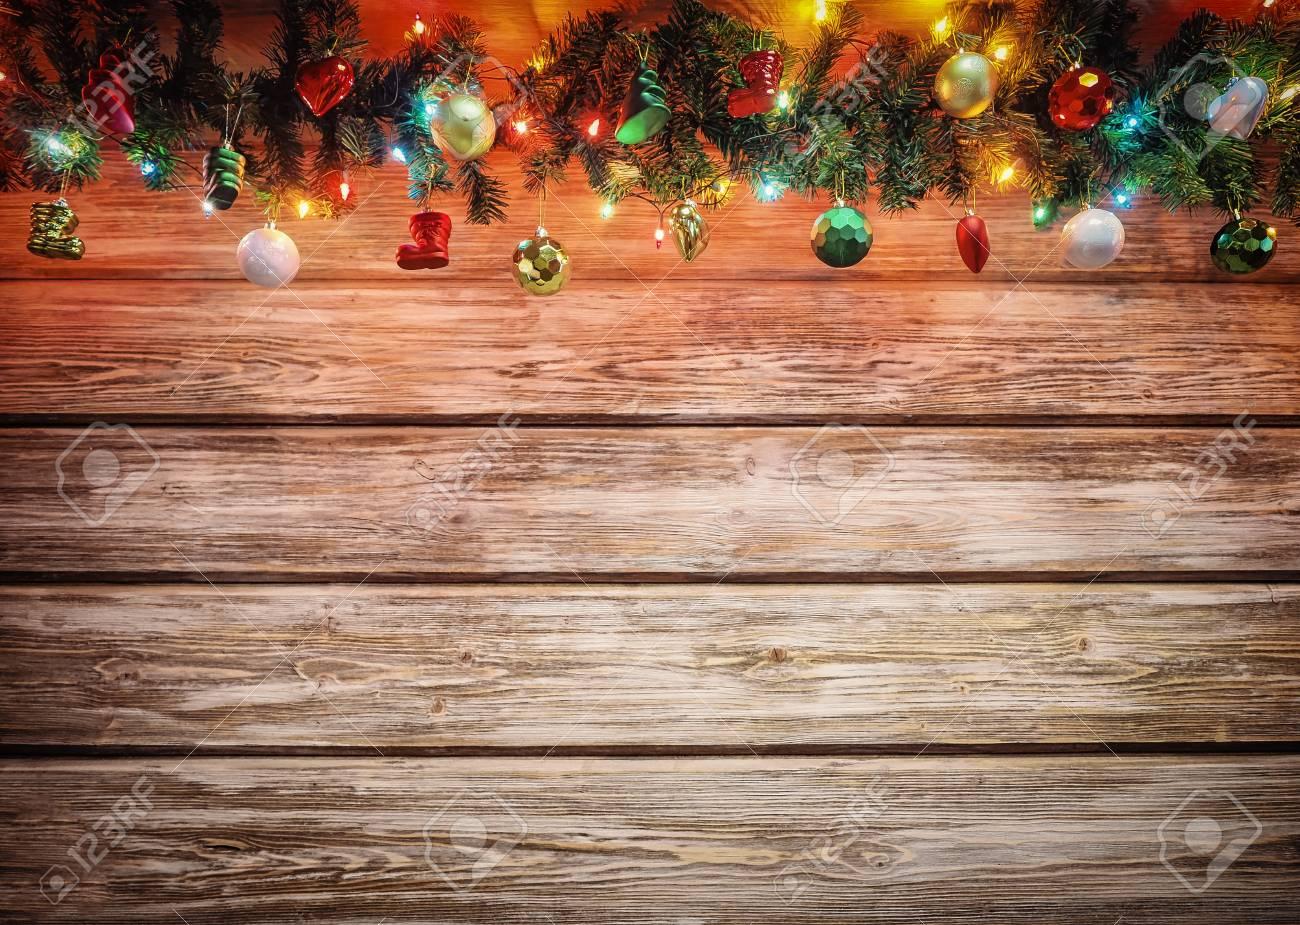 Decorazioni In Legno Per Albero Di Natale : Ghirlanda dell albero di abete di natale con decorazione sul bordo